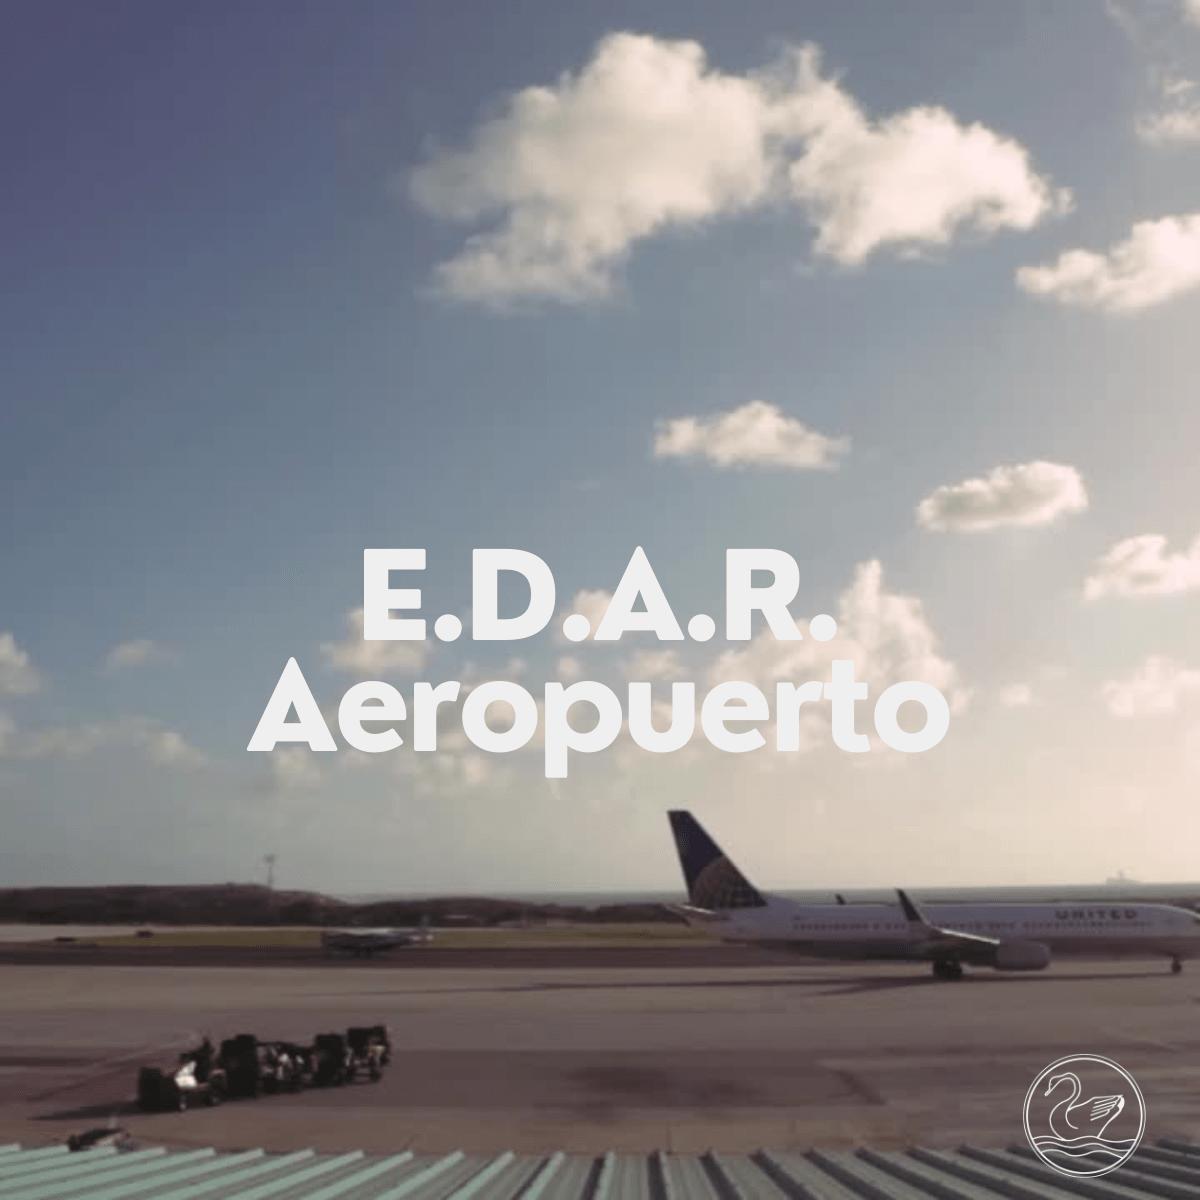 E.D.A.R. Aeropuerto